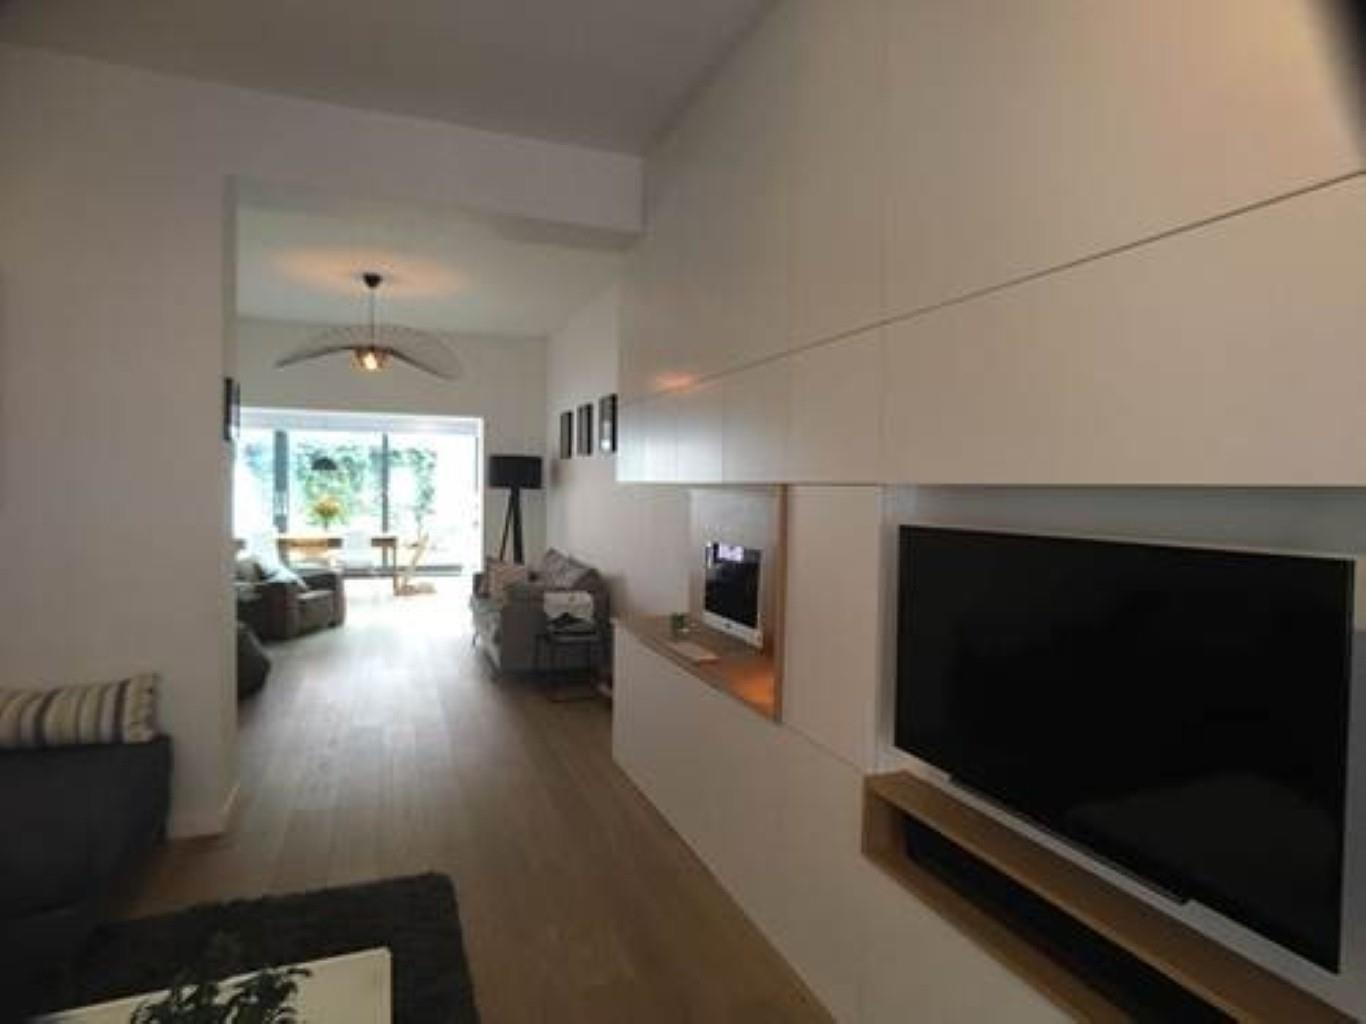 Maison de maître - Schaarbeek - #3552012-1